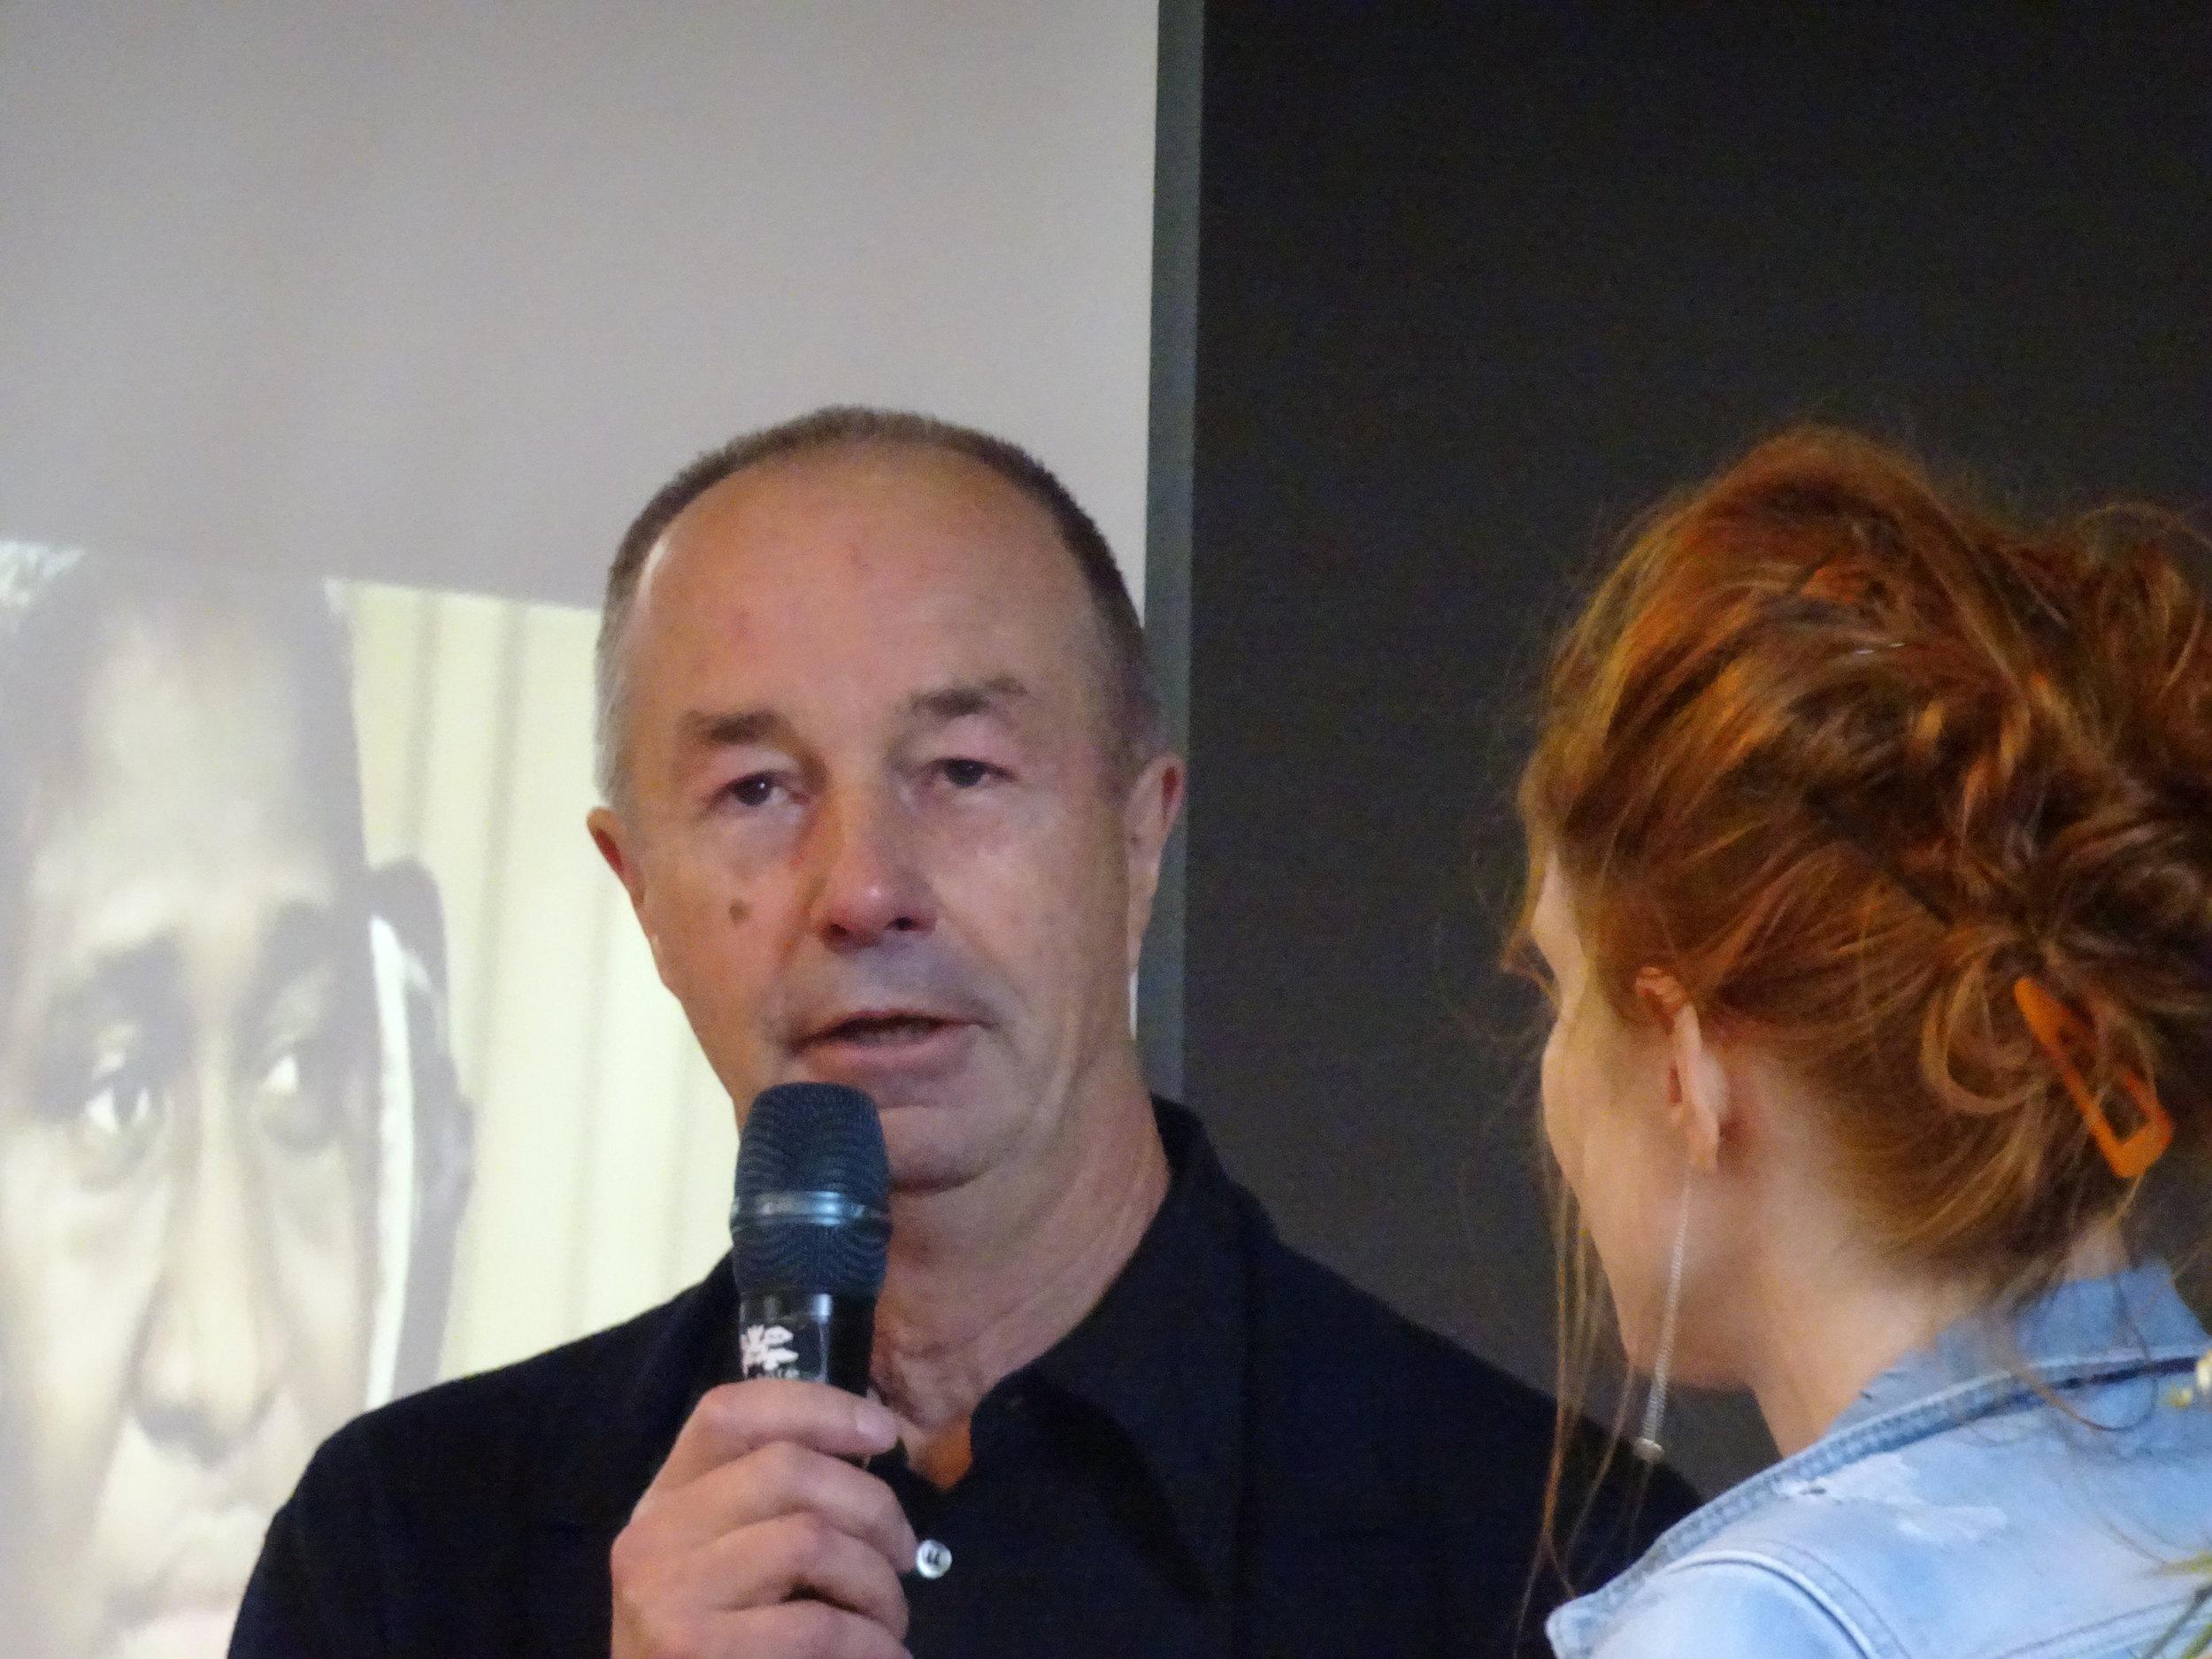 Met Jan Hoet